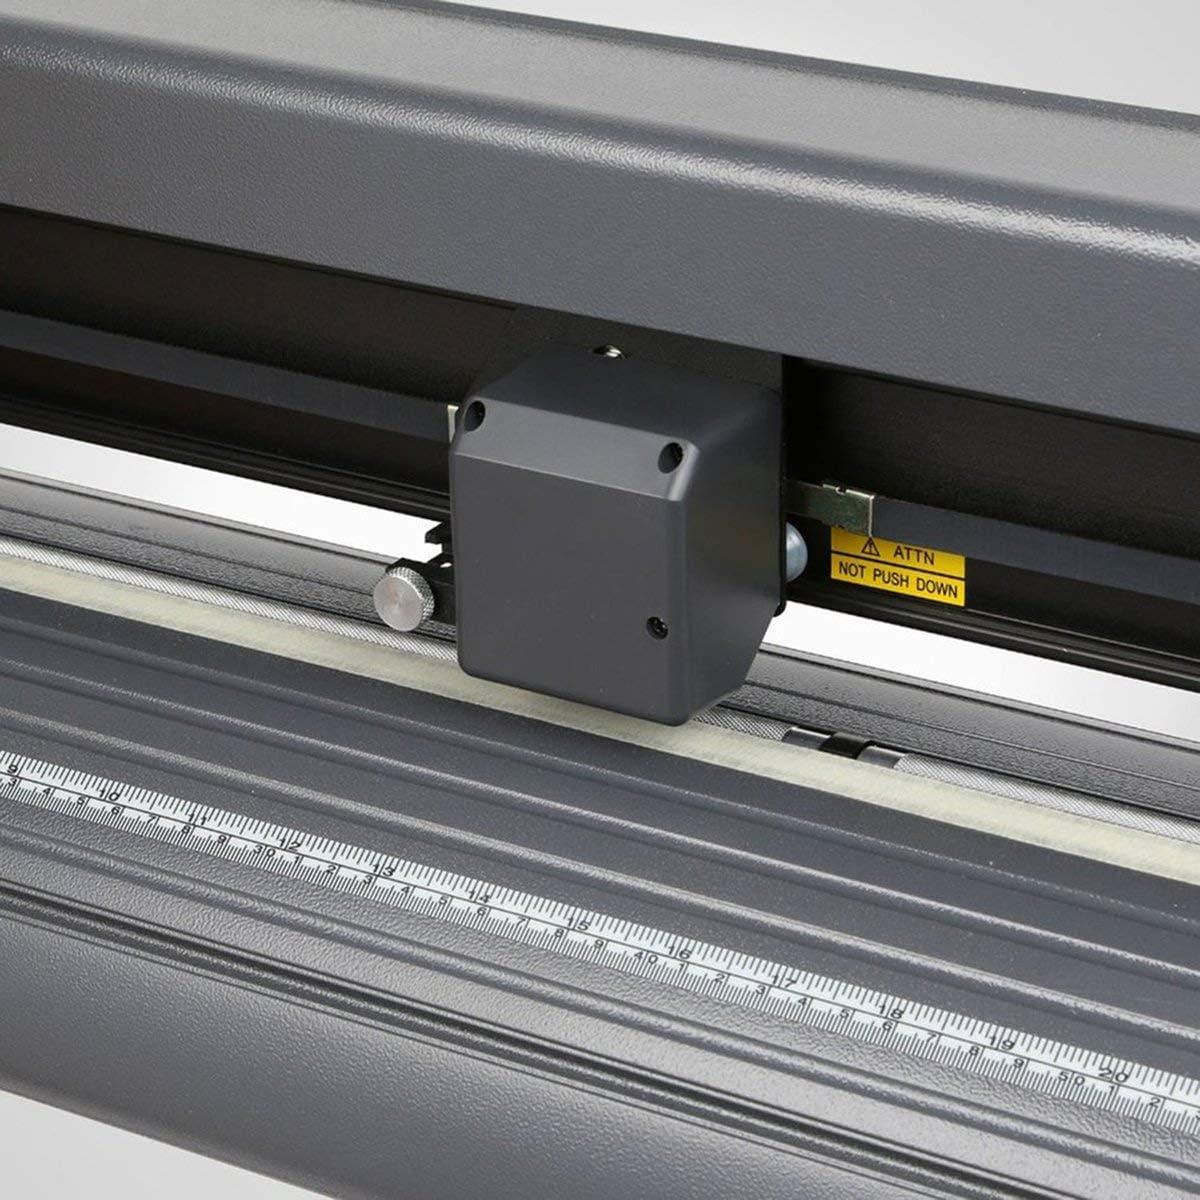 sk-720t Plotter de Corte rastreador de la Guillotina Software de la Máquina Signo de Corte con Socket, Negro Type:AU: Amazon.es: Electrónica